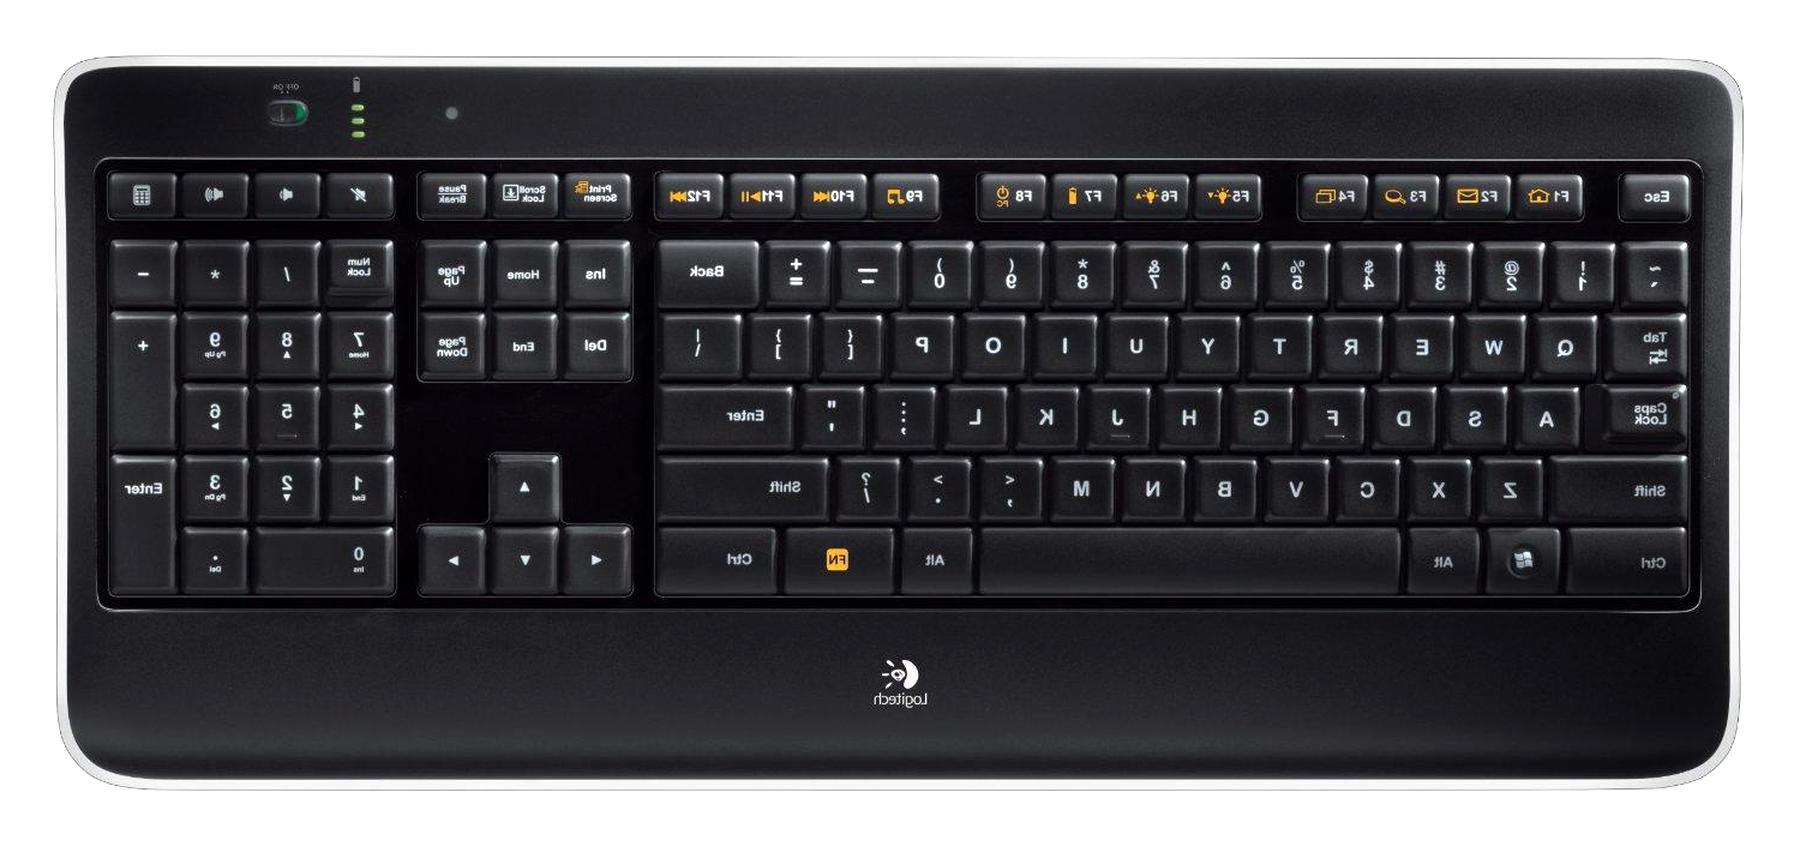 k800 tastatur gebraucht kaufen